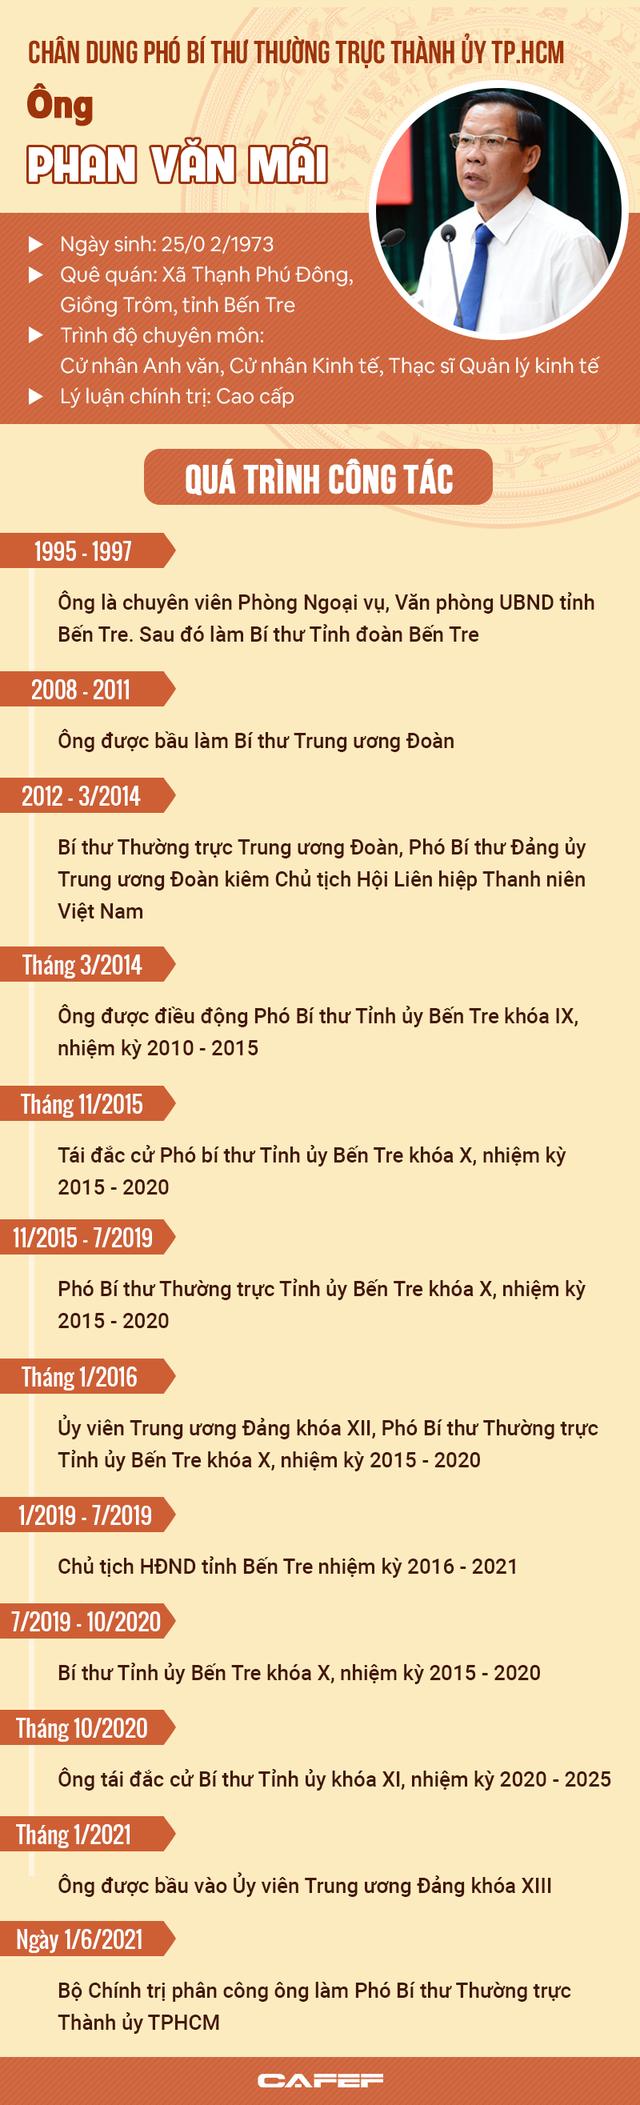 Chân dung Phó Bí thư Thường trực Thành ủy TP.HCM Phan Văn Mãi - Ảnh 1.